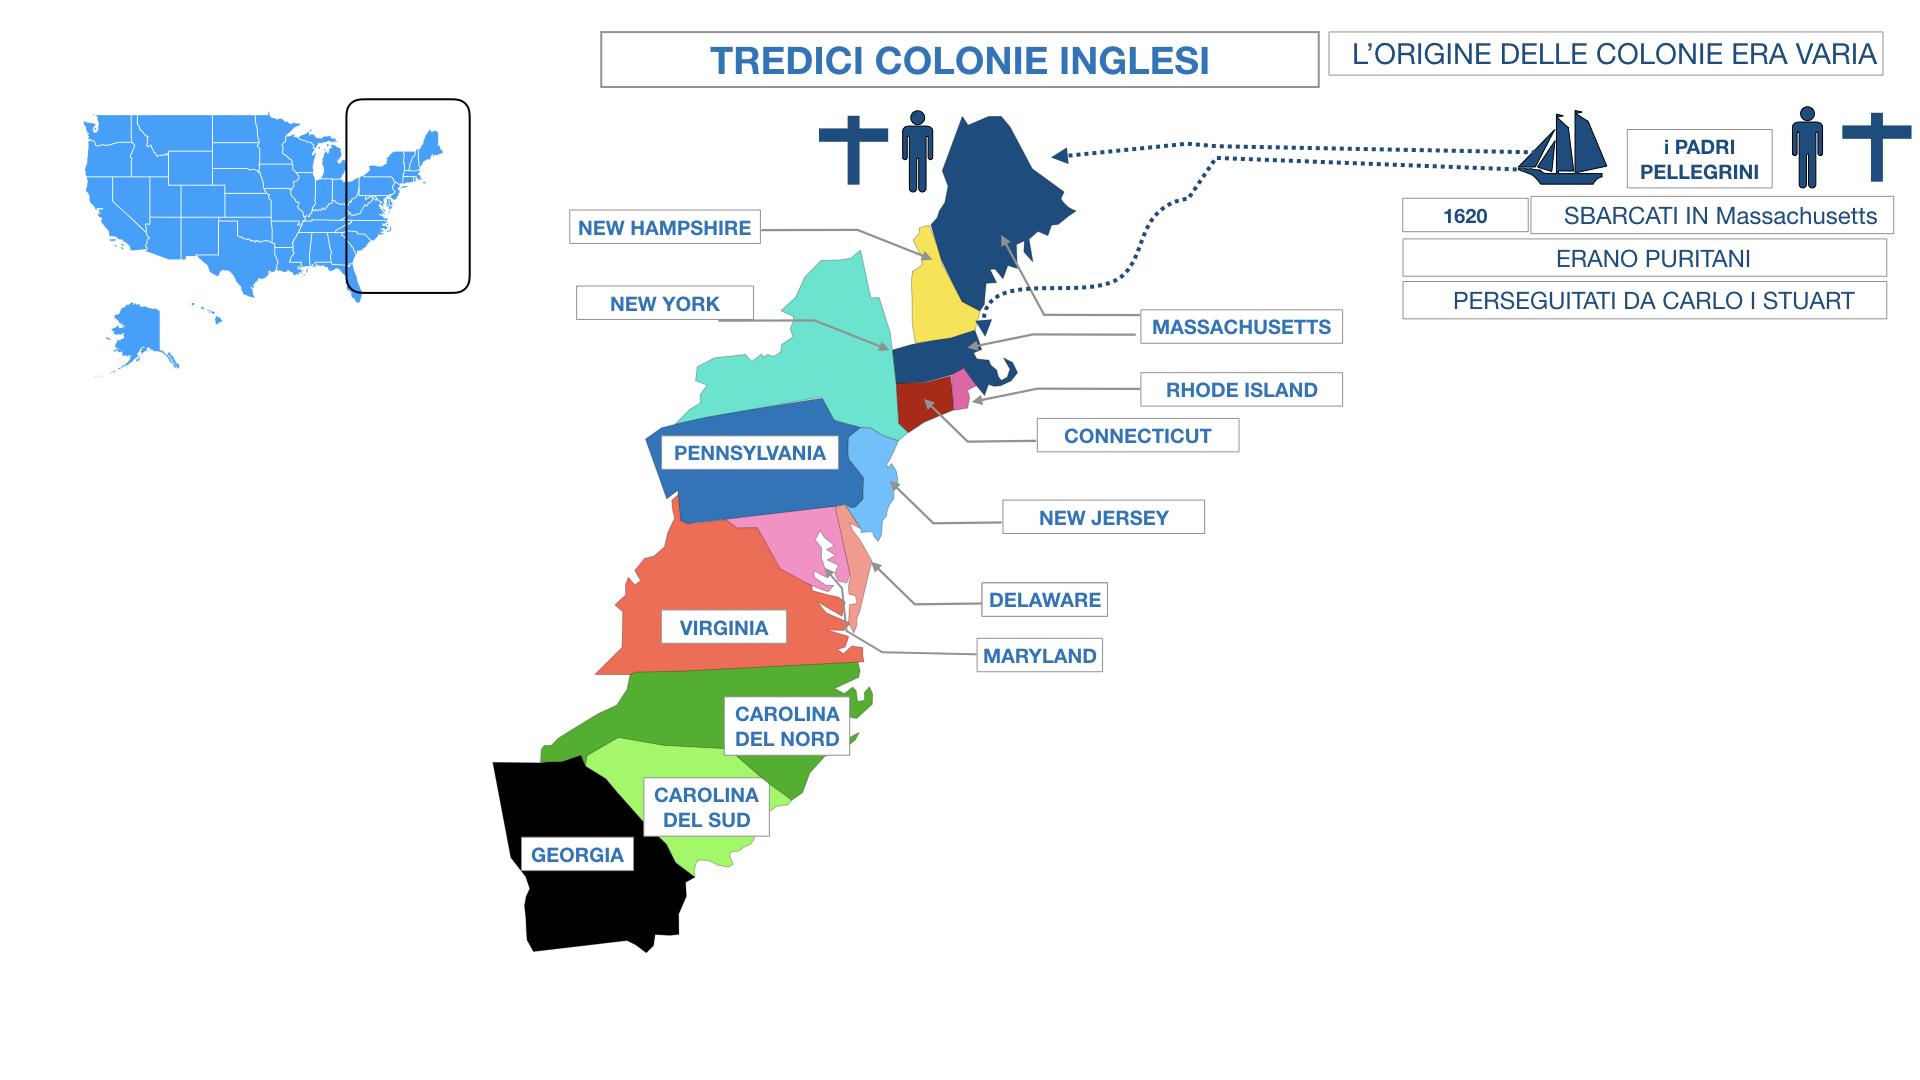 AMERICA LE TREDICI COLONIE INGLESI SIMULAZIONE.044